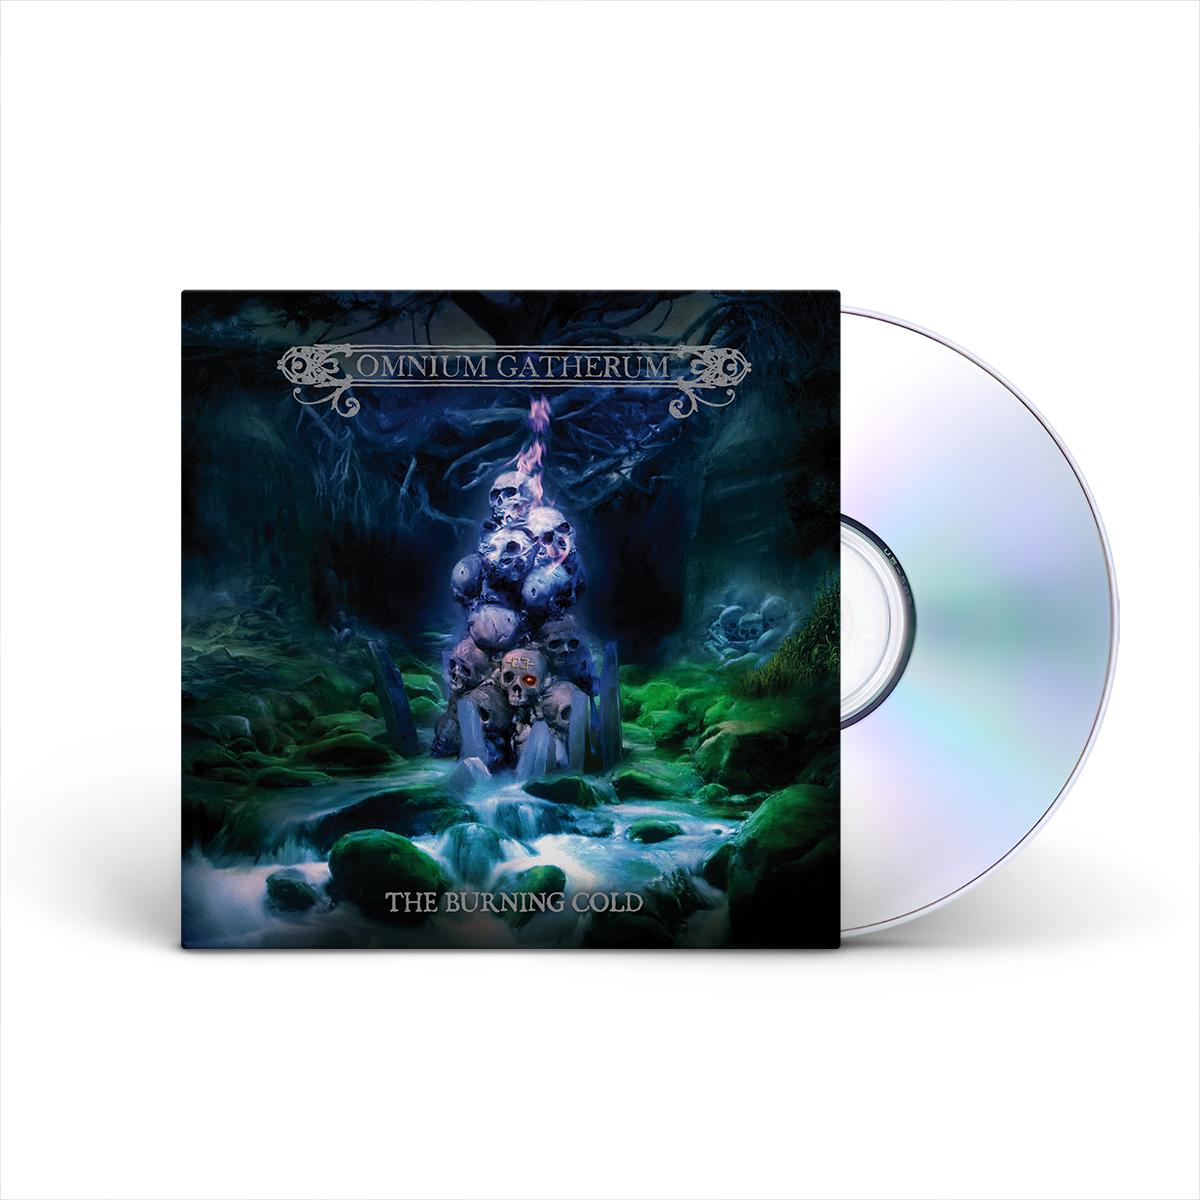 Omnium Gatherum: The Burning Cold CD